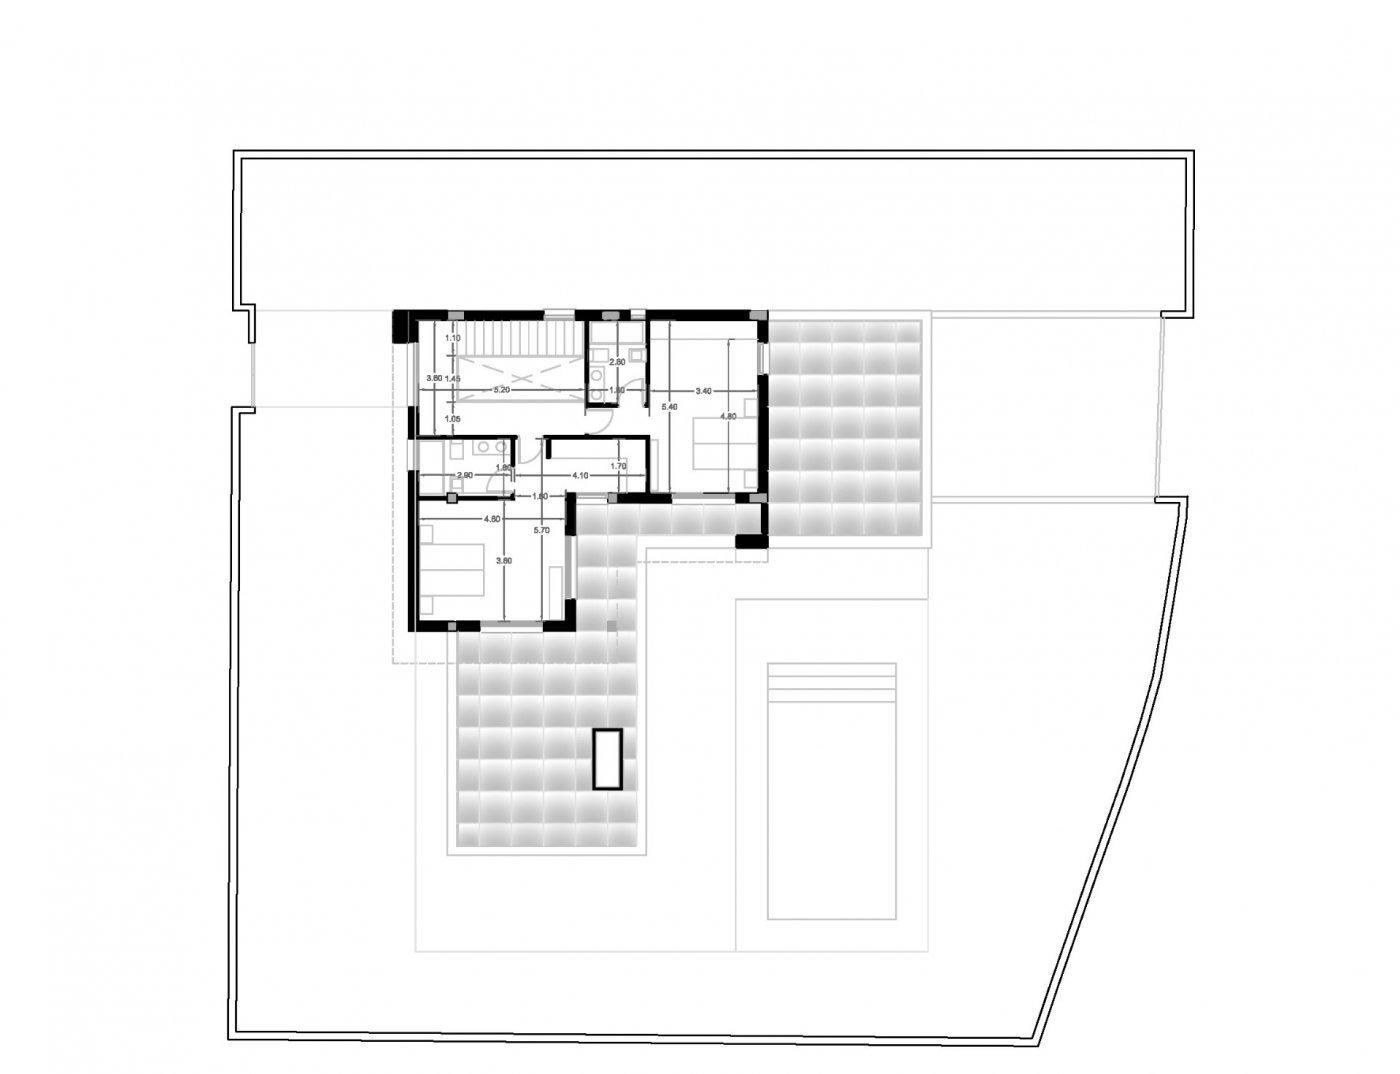 Prachtige villa in moderne stijl